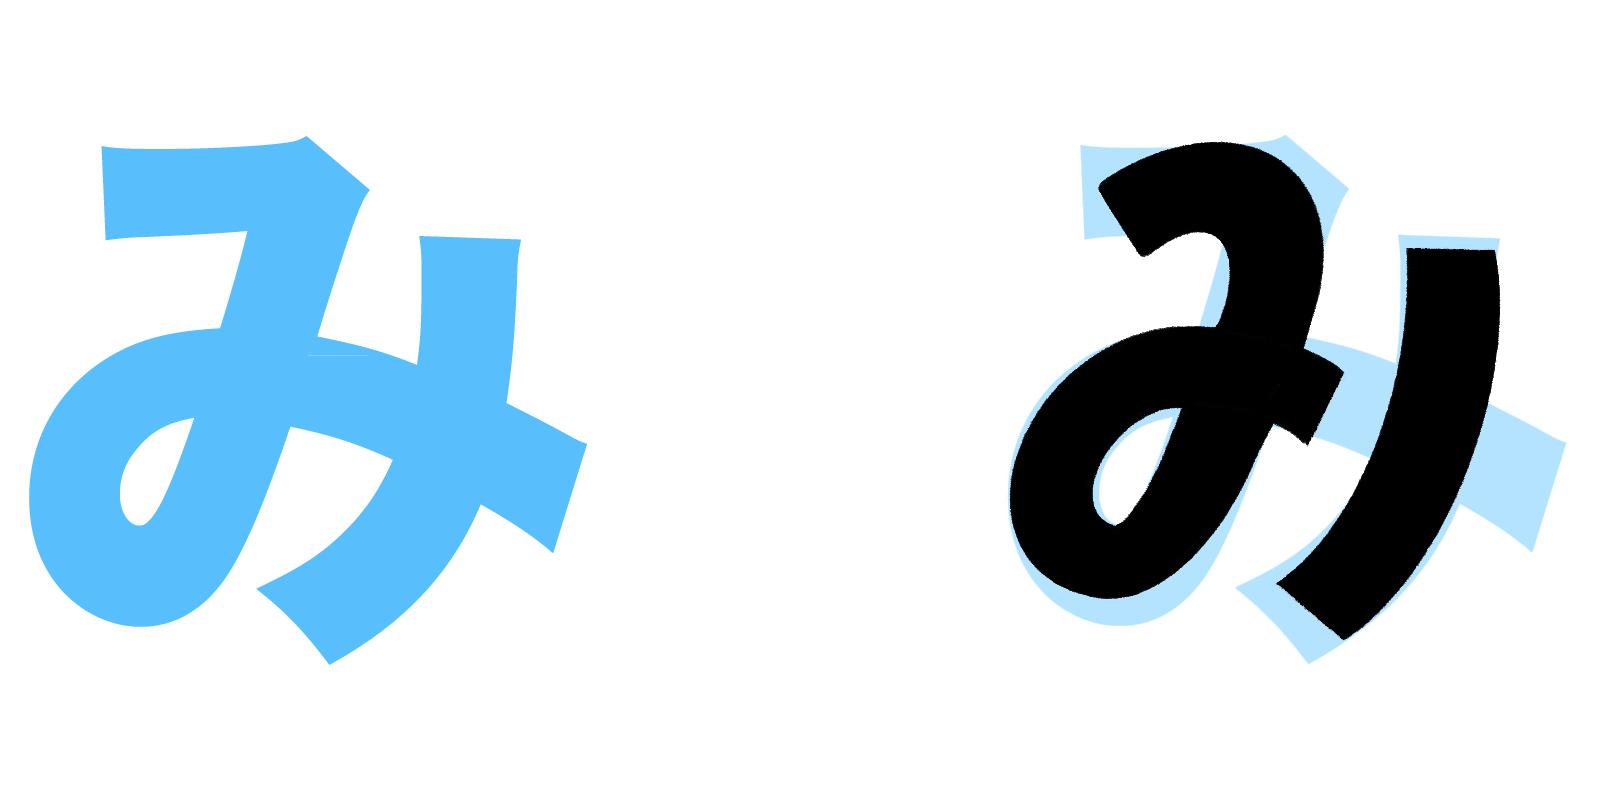 み hiragana mnemonic